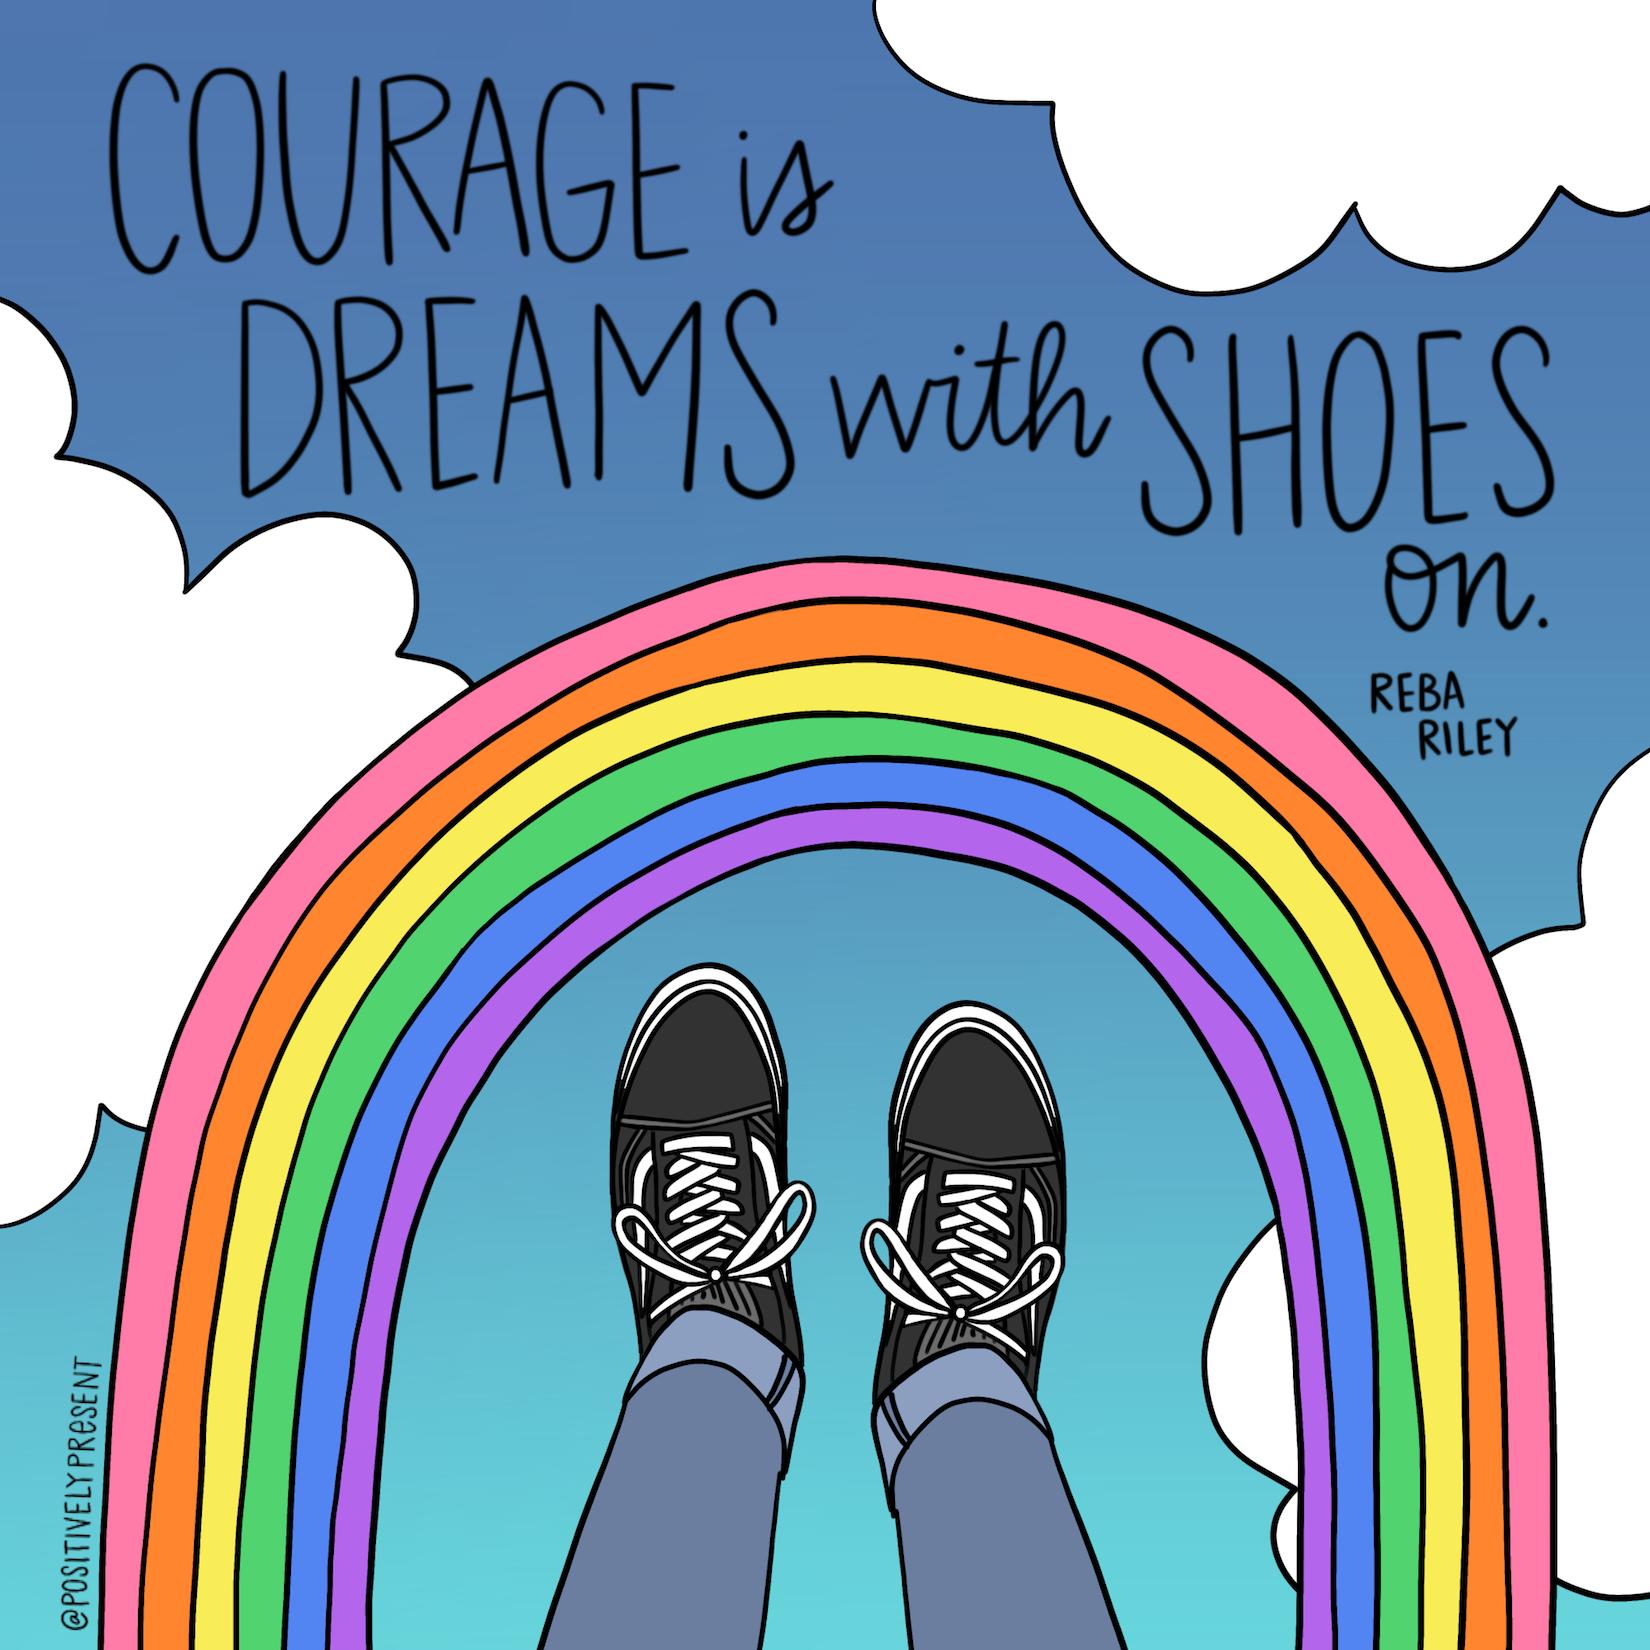 courage dreams